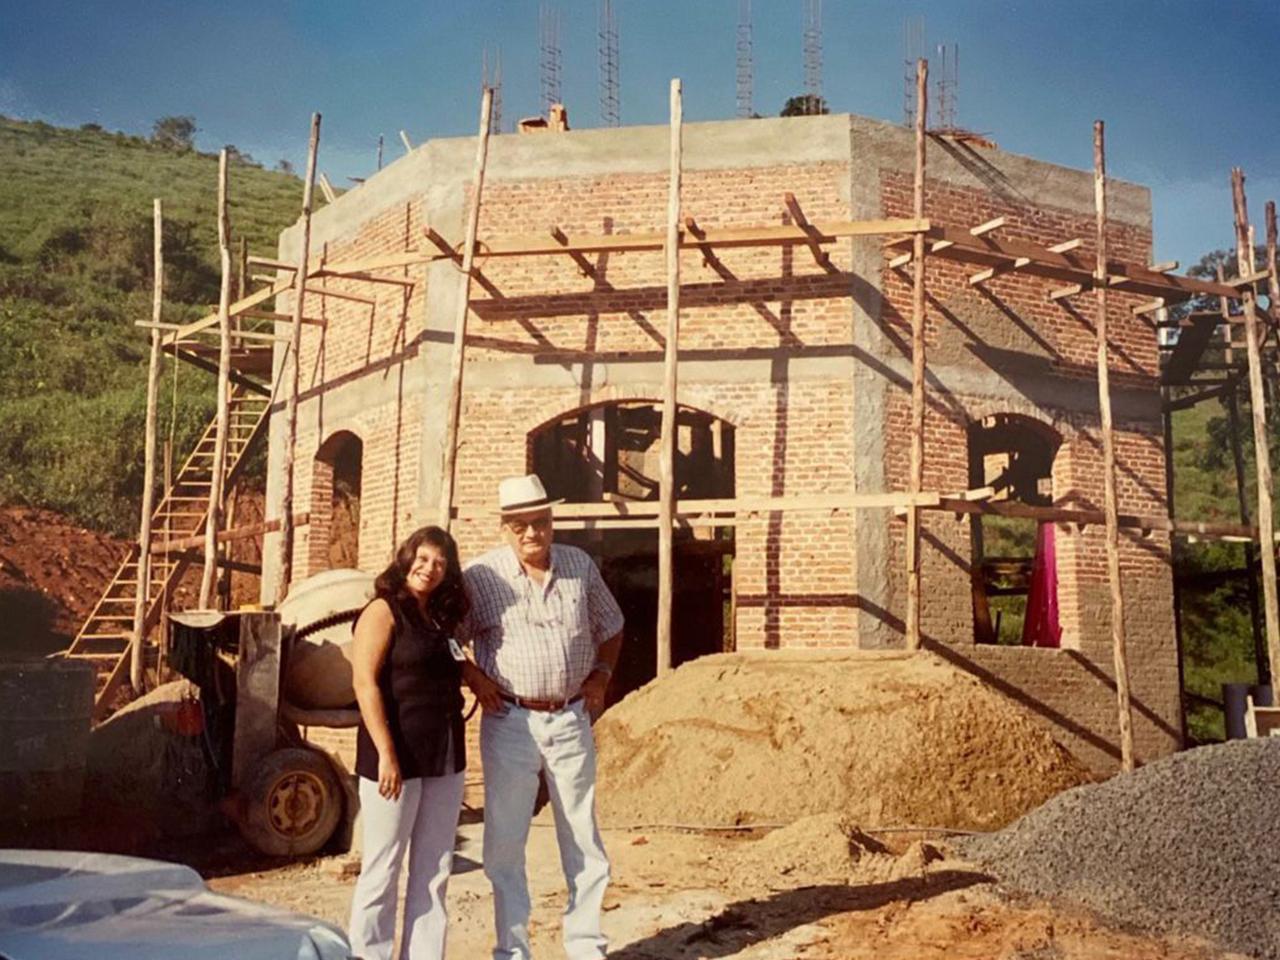 Luiz Mesquita com a arquiteta Elaine Cristina Espinela que projetou o templo holístico e os centros de terapia pela matemática sagrada.